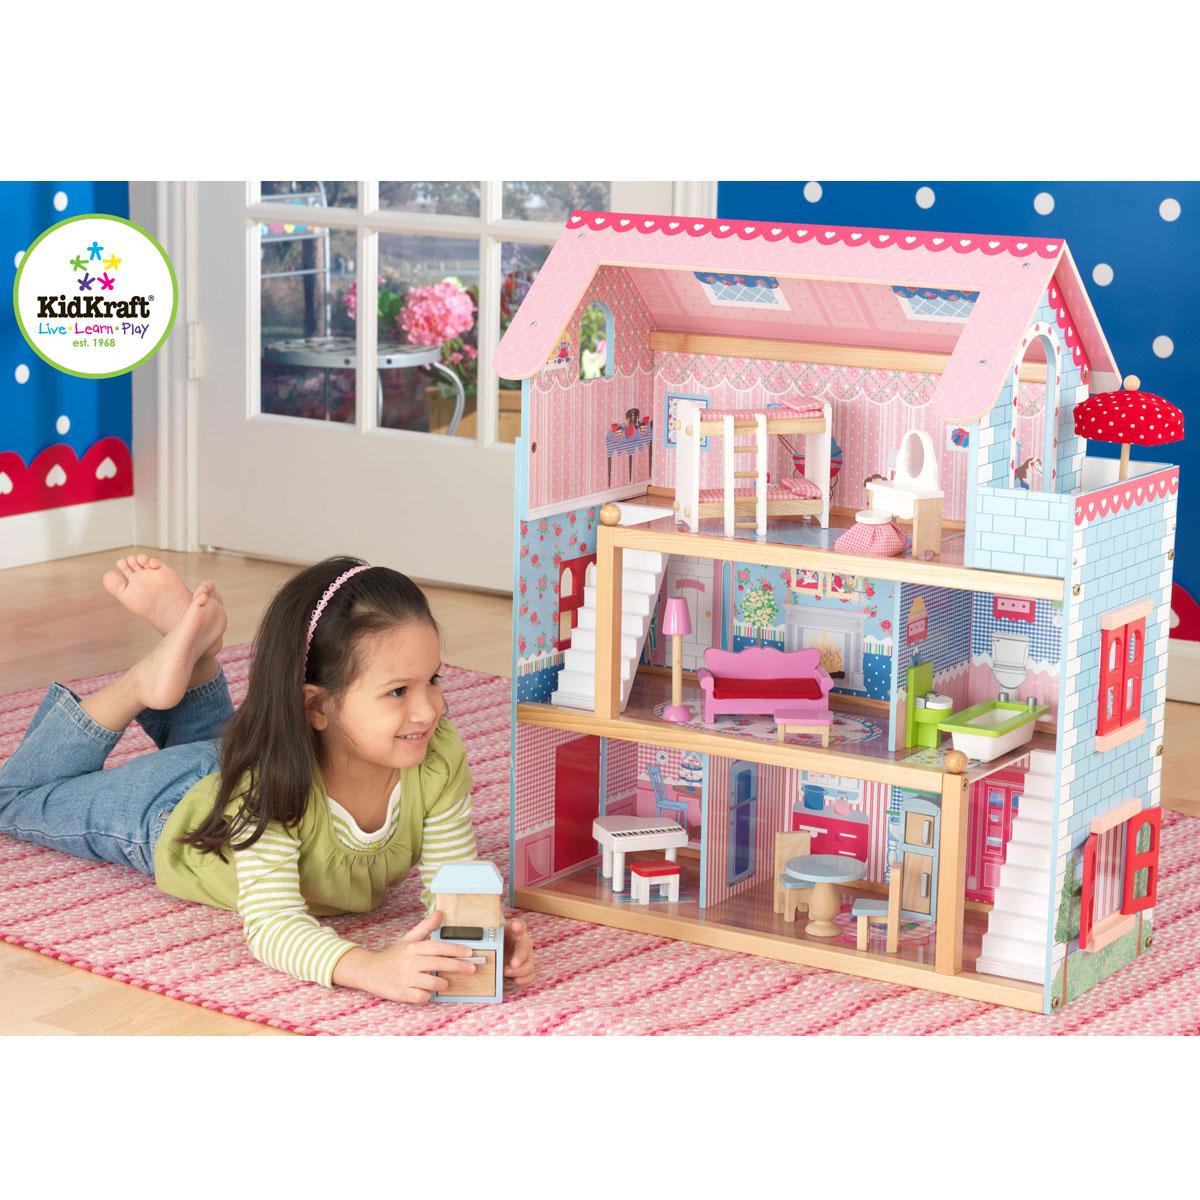 kidkraft chelsea doll cottage 65054 pirum rh pirum holzspielzeuge de chelsea doll cottage with furniture chelsea doll cottage instructions